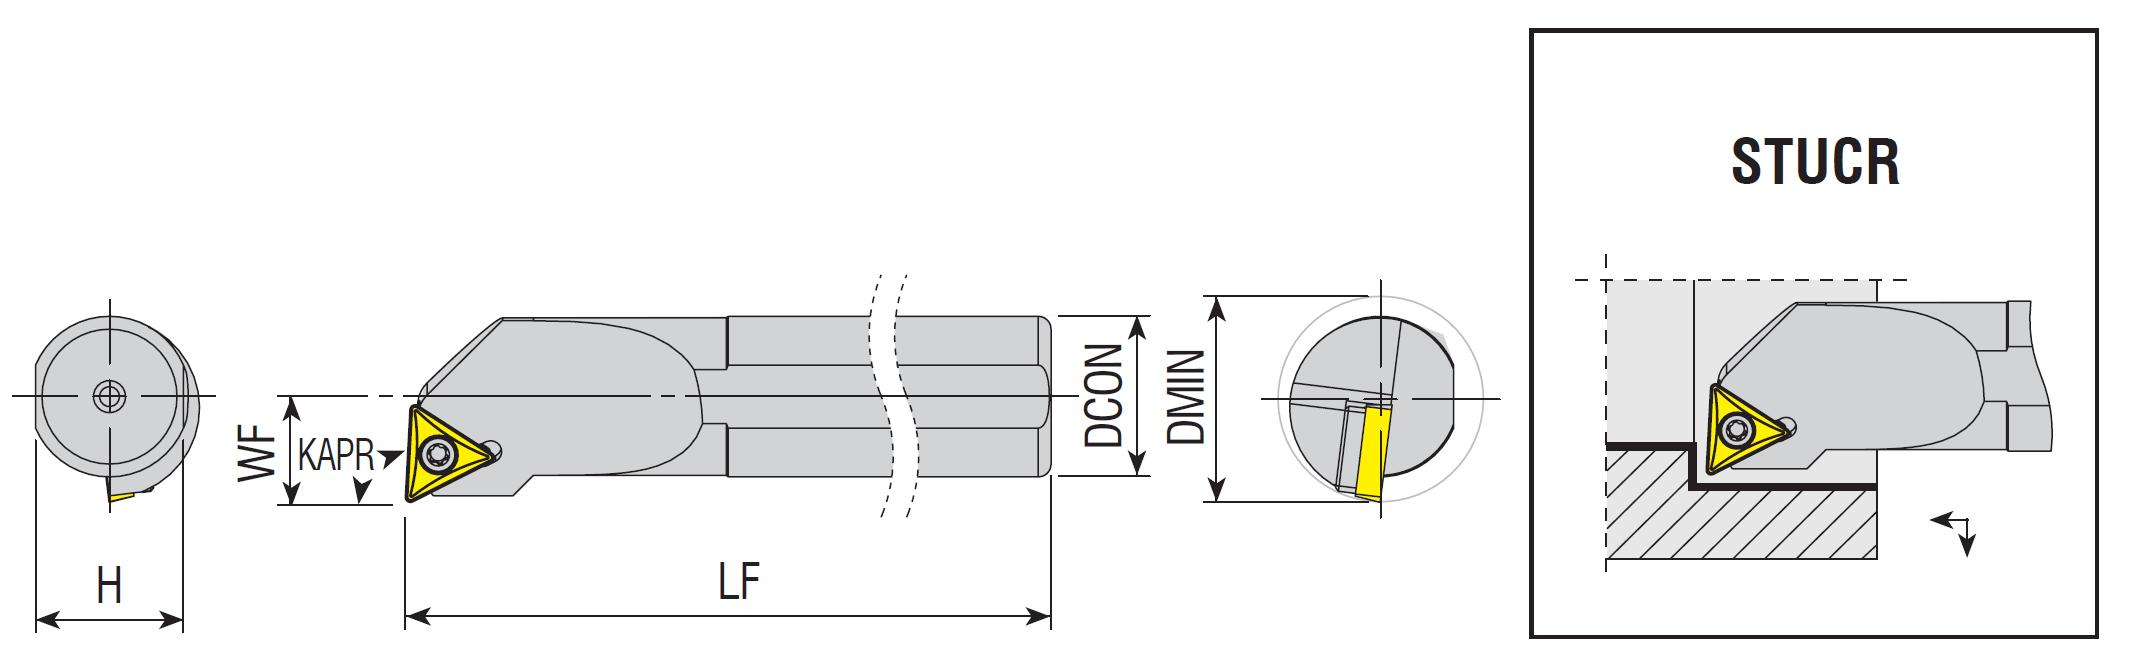 Bohrstangen STUCR / STUCL